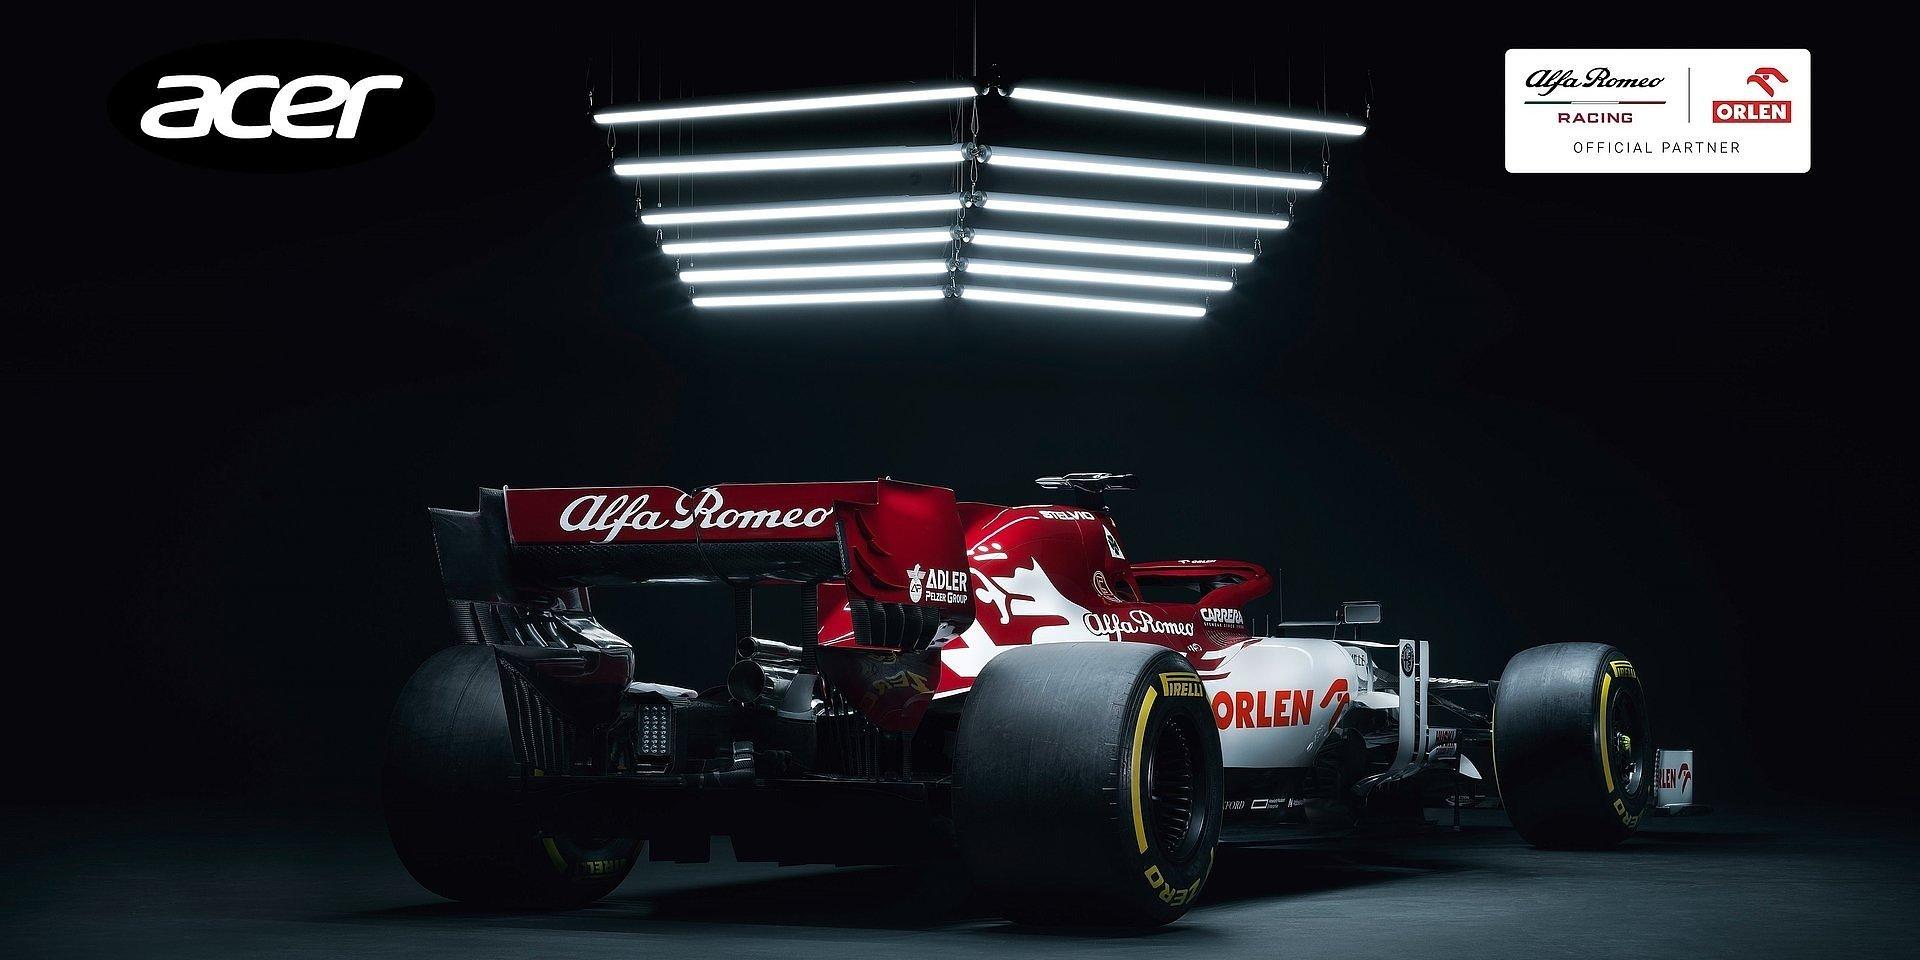 WĘC PR wprowadza Acer do zespołu Formuły 1 - Alfa Romeo Racing ORLEN